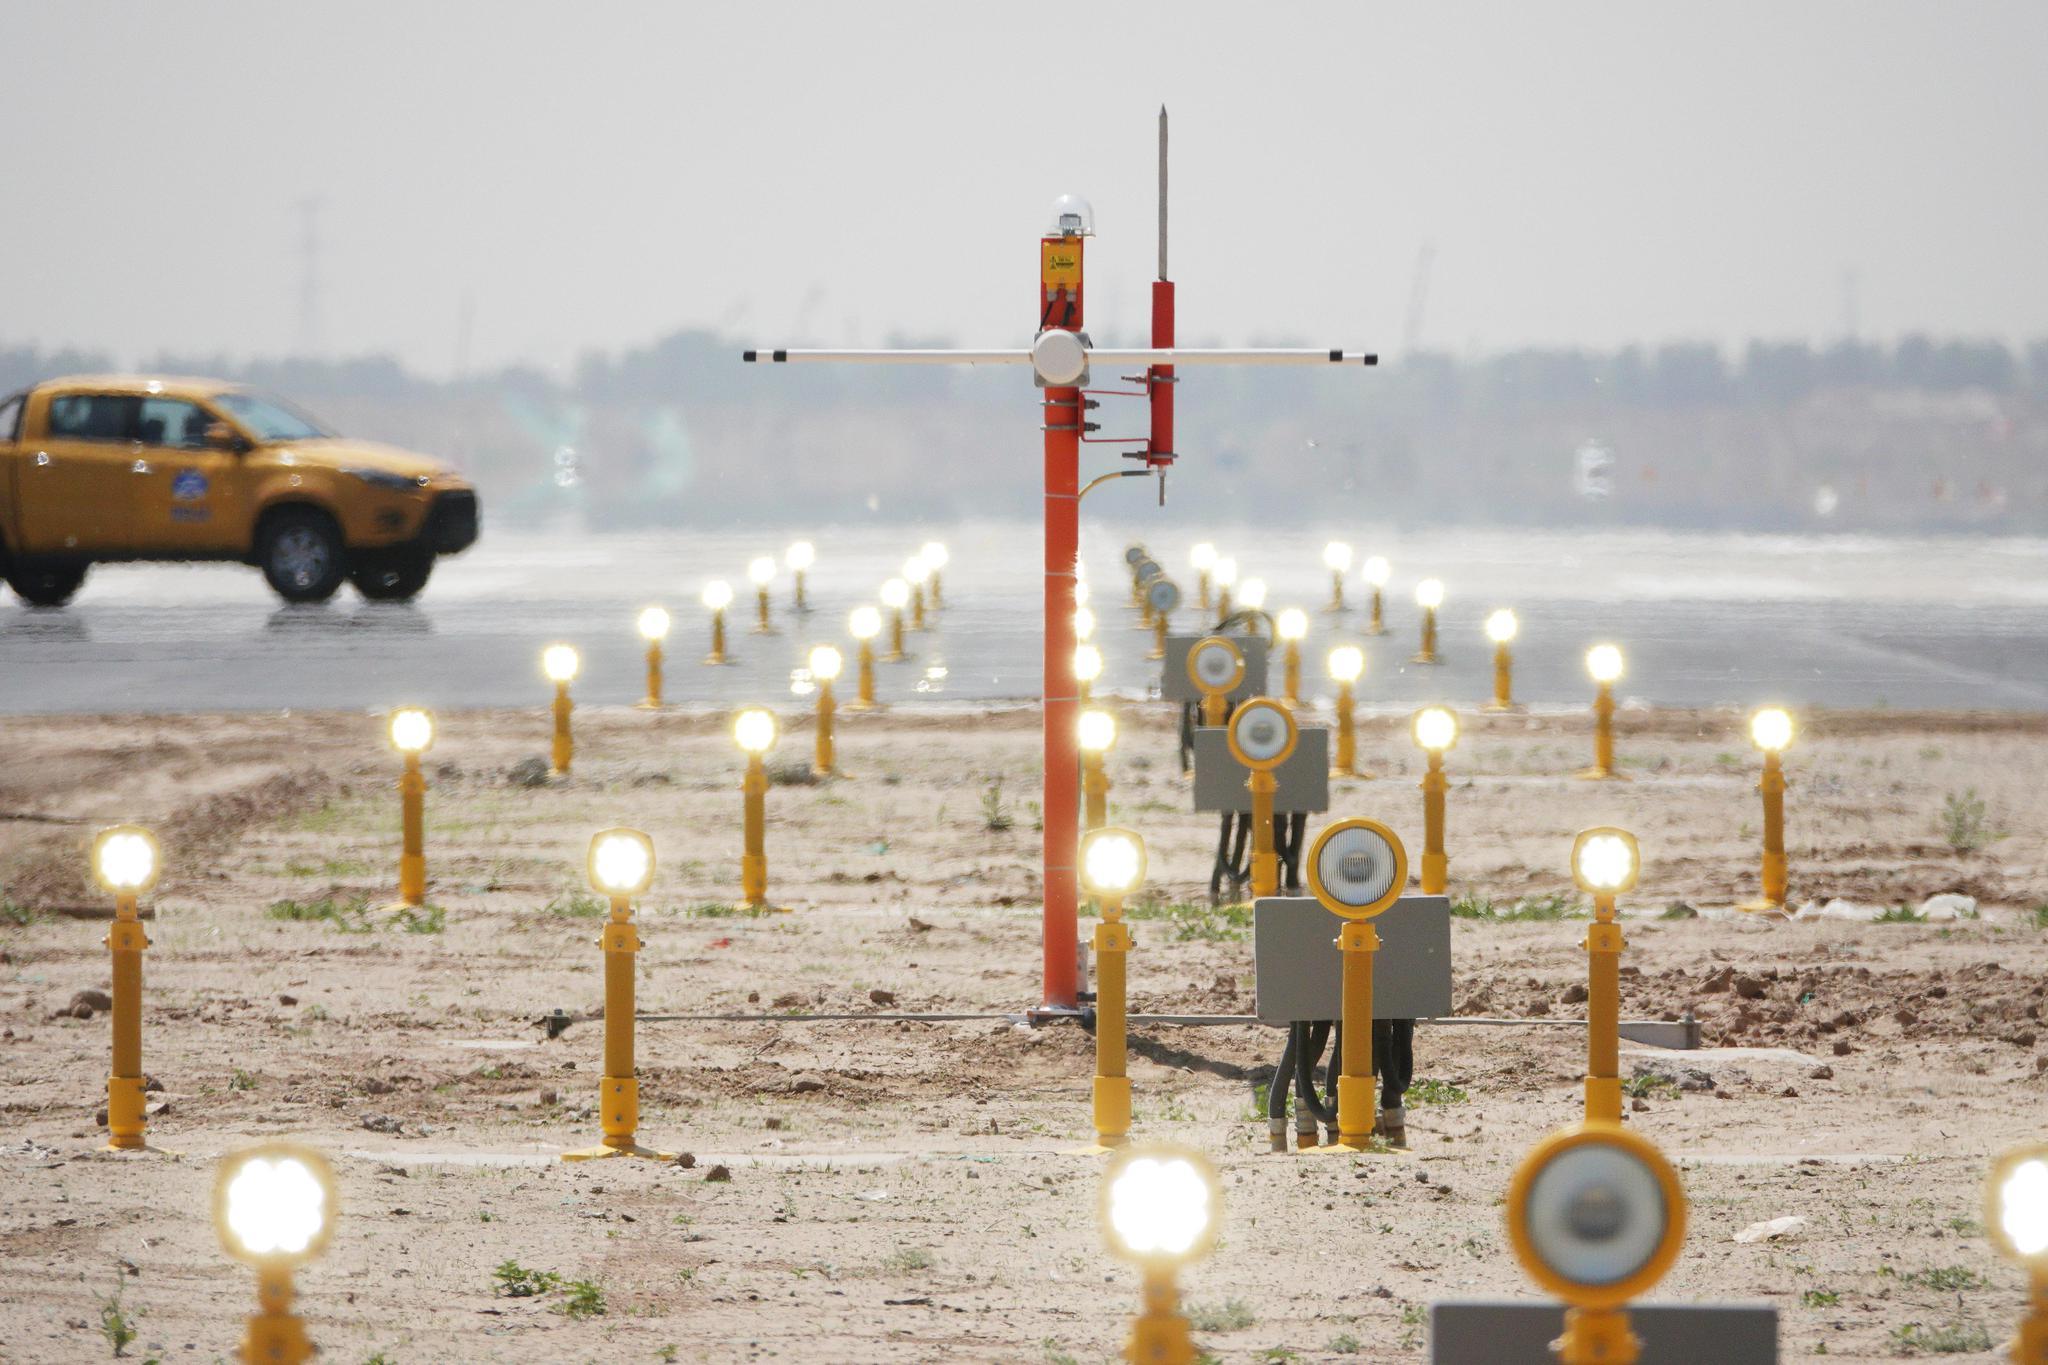 2019年5月7日,大兴机场跑道上的进近引导灯光开始开灯调试。图源:华北空管局